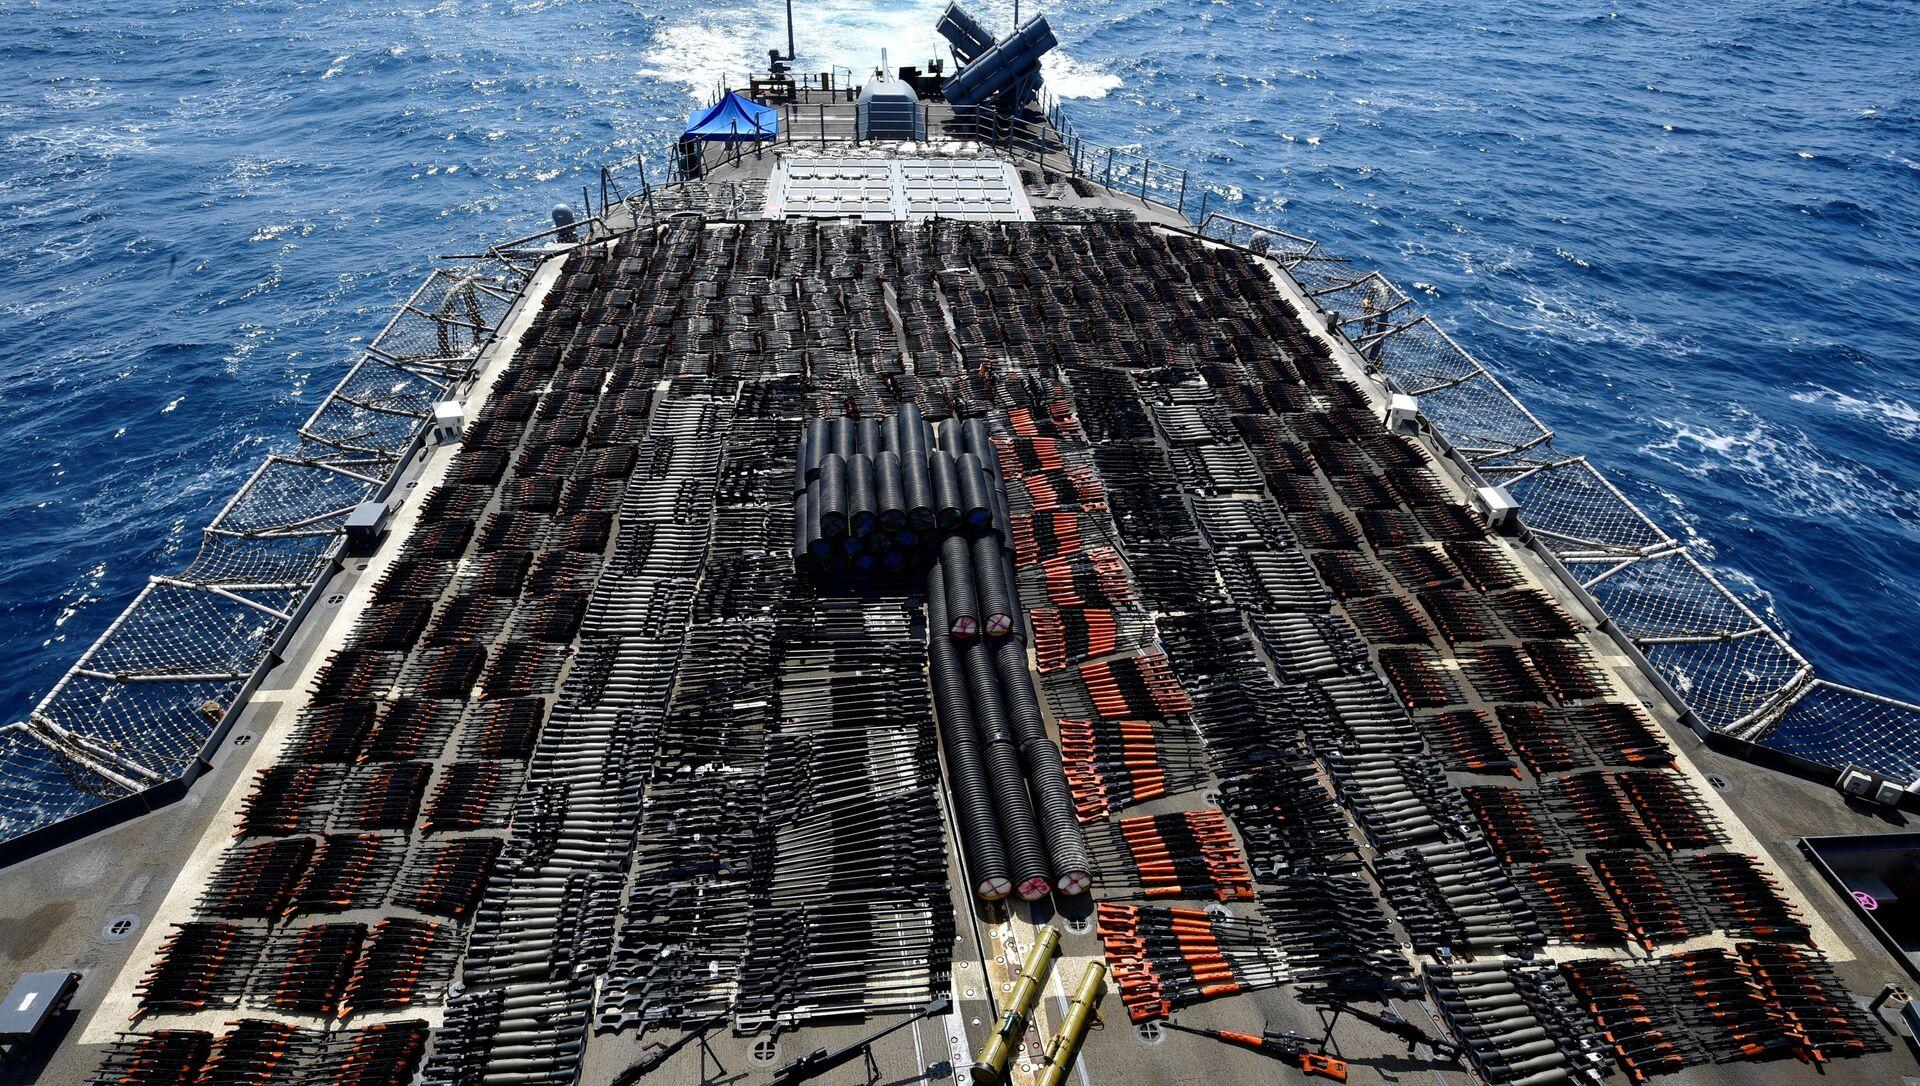 Tuần dương hạm Monterey của Mỹ bắt giữ lô hàng vũ khí do Nga và Trung Quốc sản xuất từ một con tàu không mang dấu hiệu nhận biết - Sputnik Việt Nam, 1920, 09.05.2021